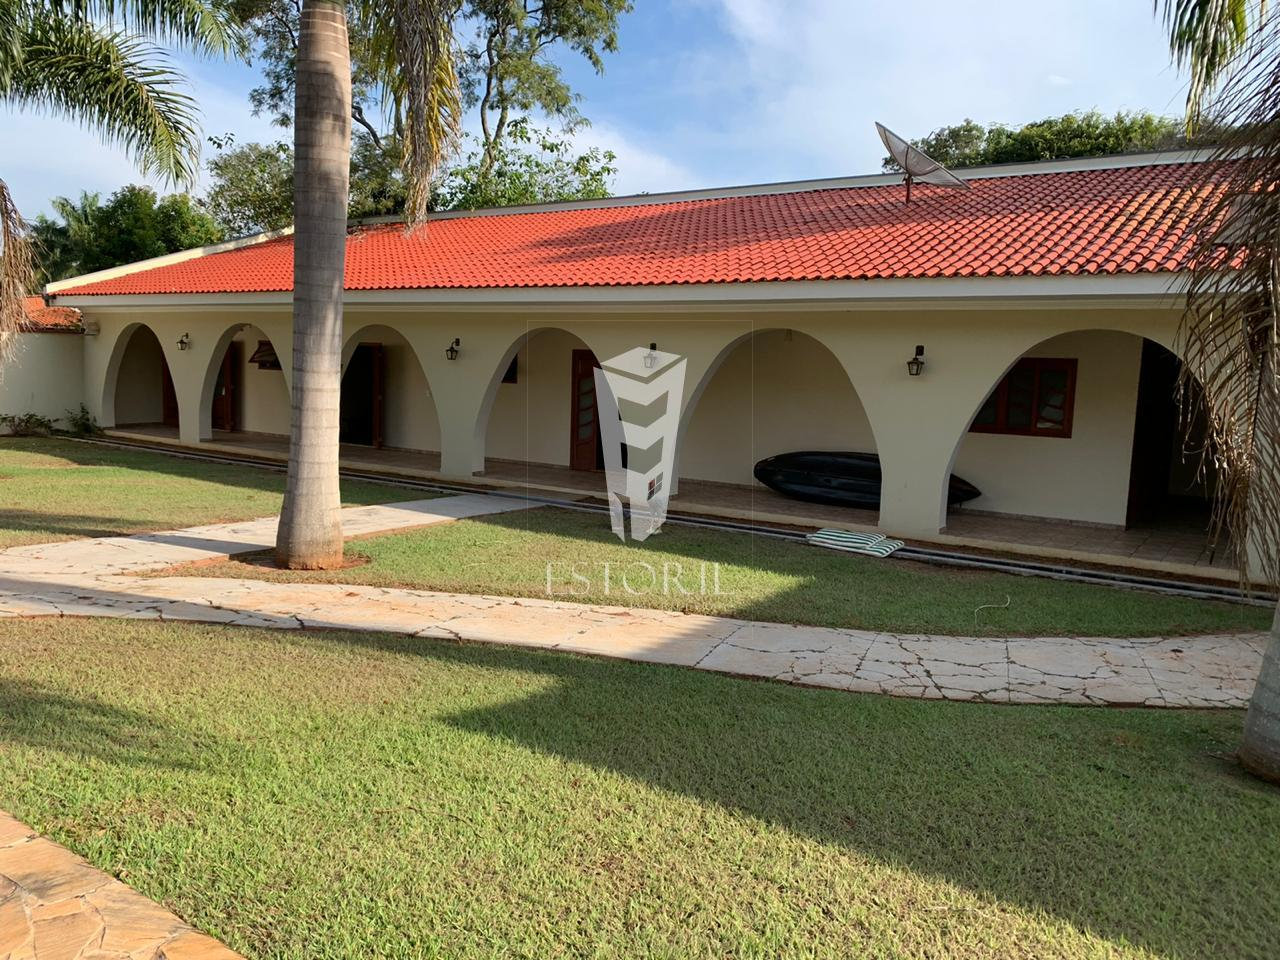 Casa com 2 dormitórios à venda, REPRESA DE JURUMIRIM, AVARE - SP